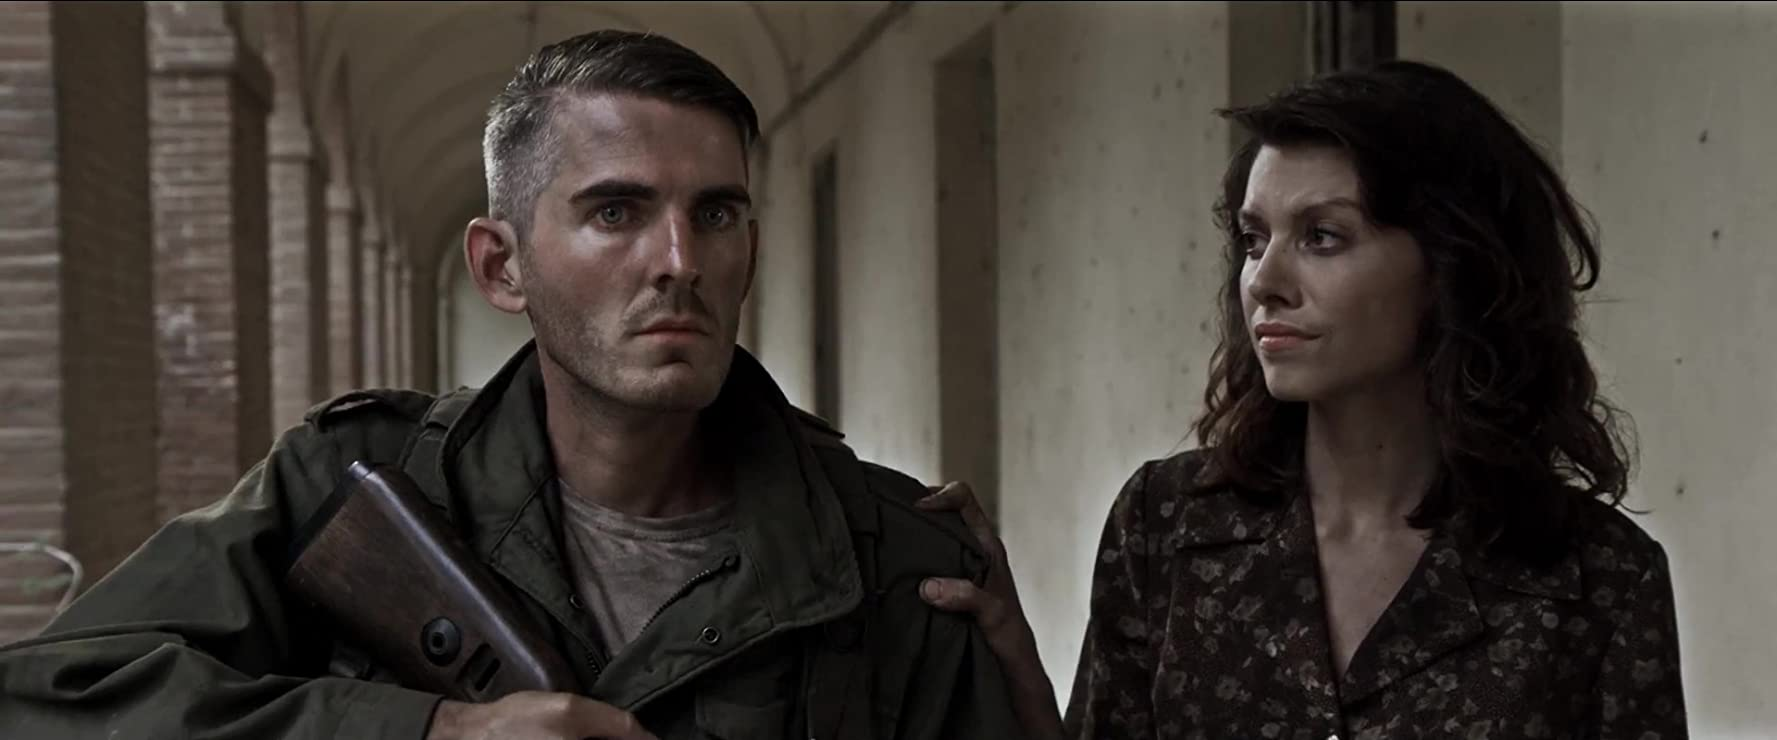 Zombie Massacre 2 Reich Of The Dead 2015